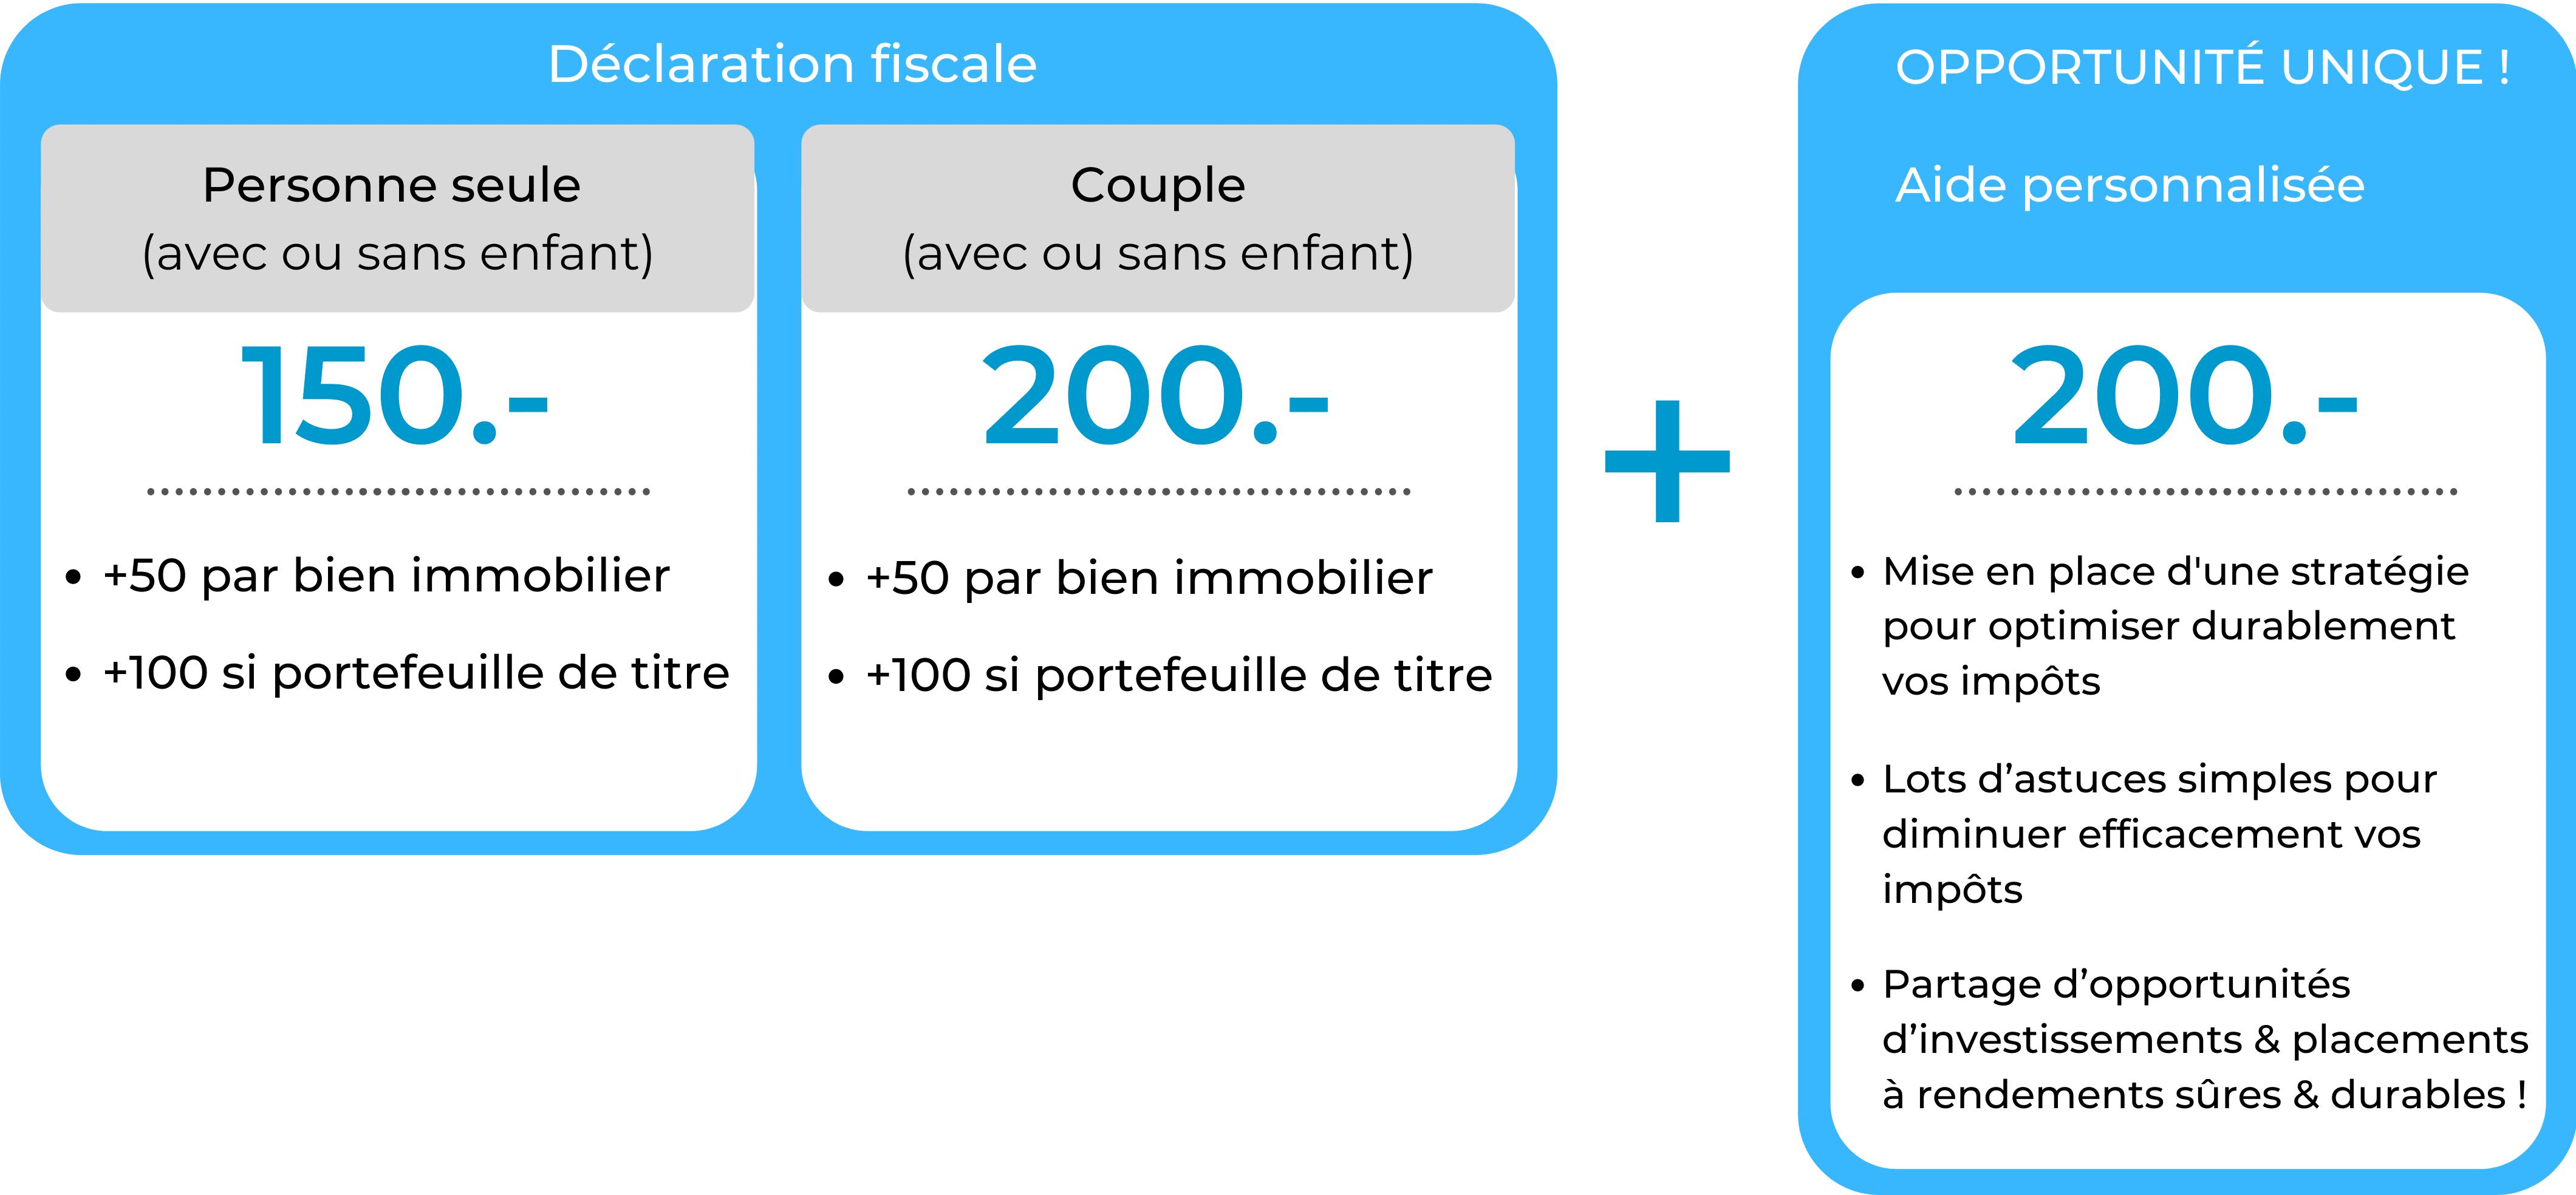 Offre fiscalité suisse